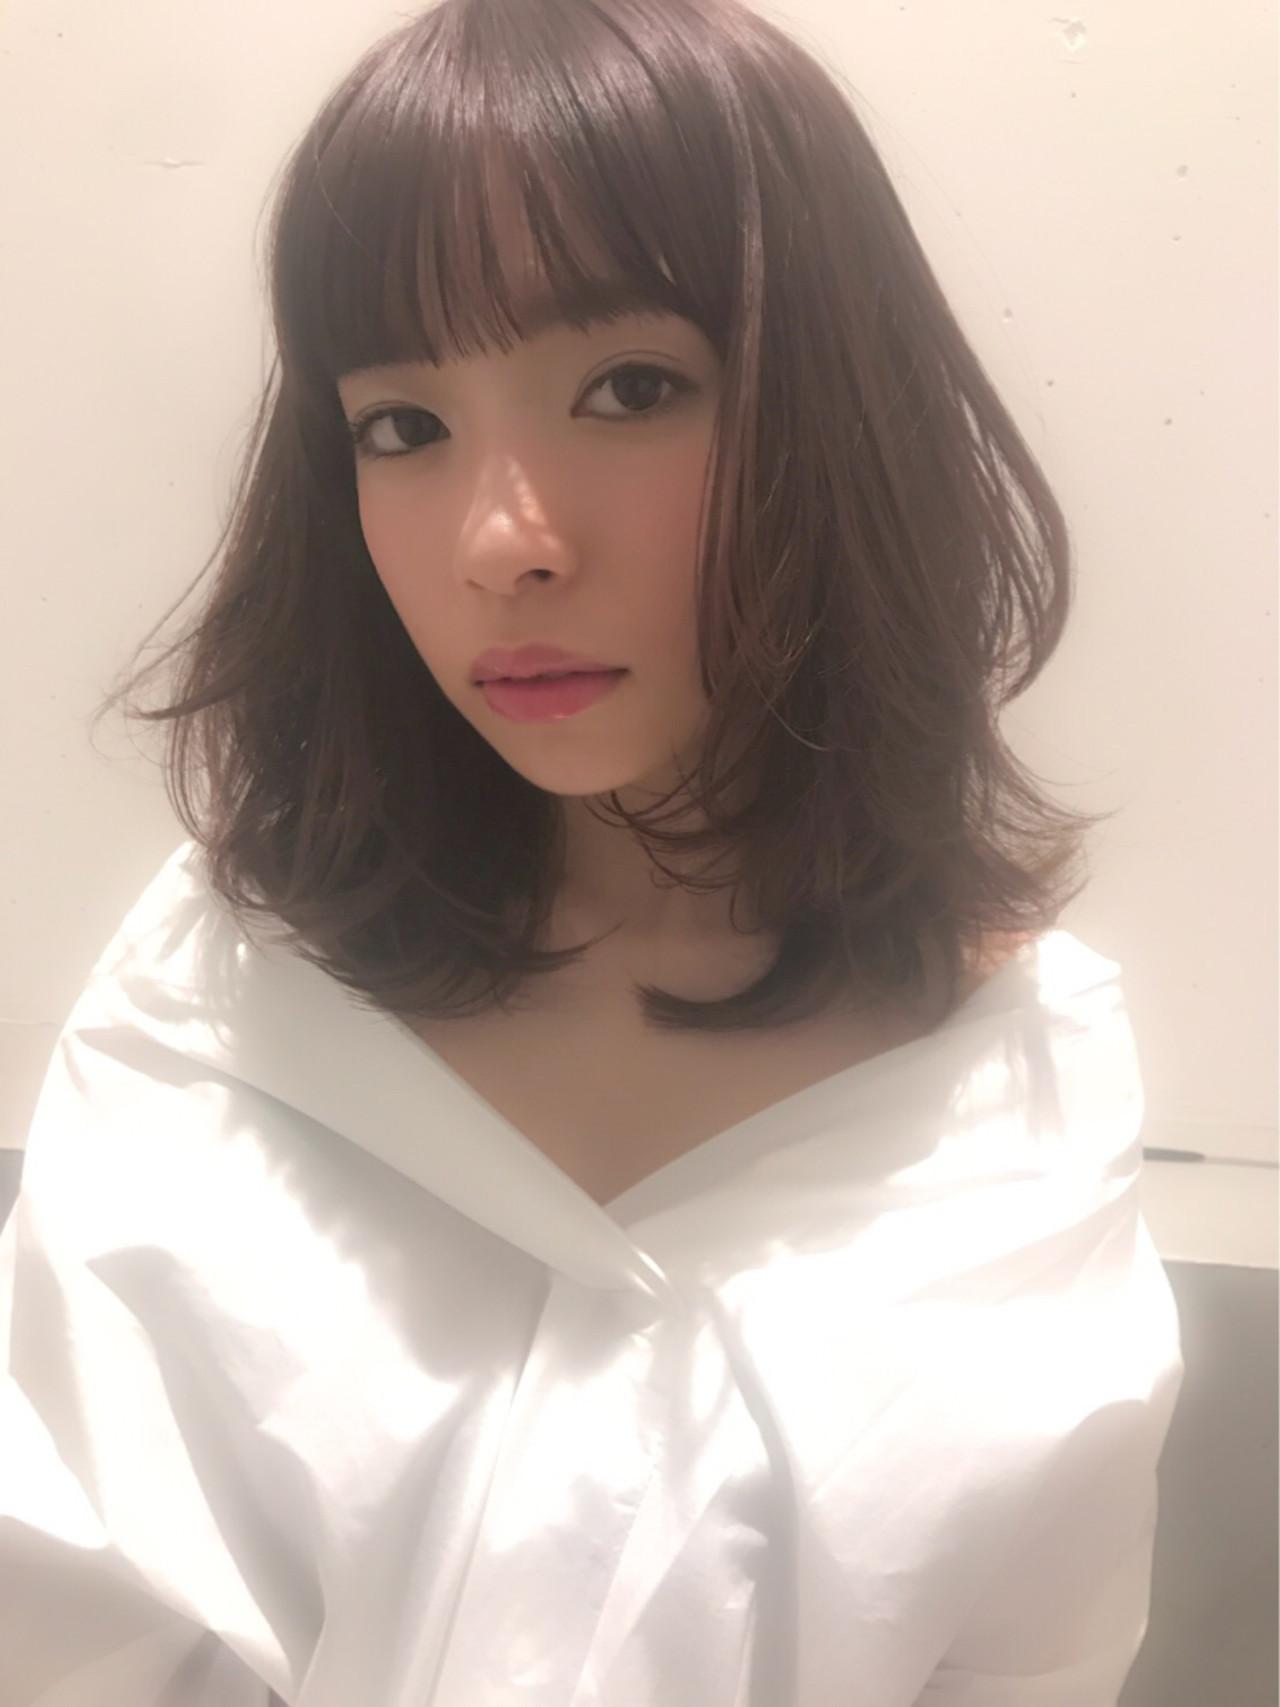 おフェロ レイヤーカット ミディアム ピンクアッシュ ヘアスタイルや髪型の写真・画像